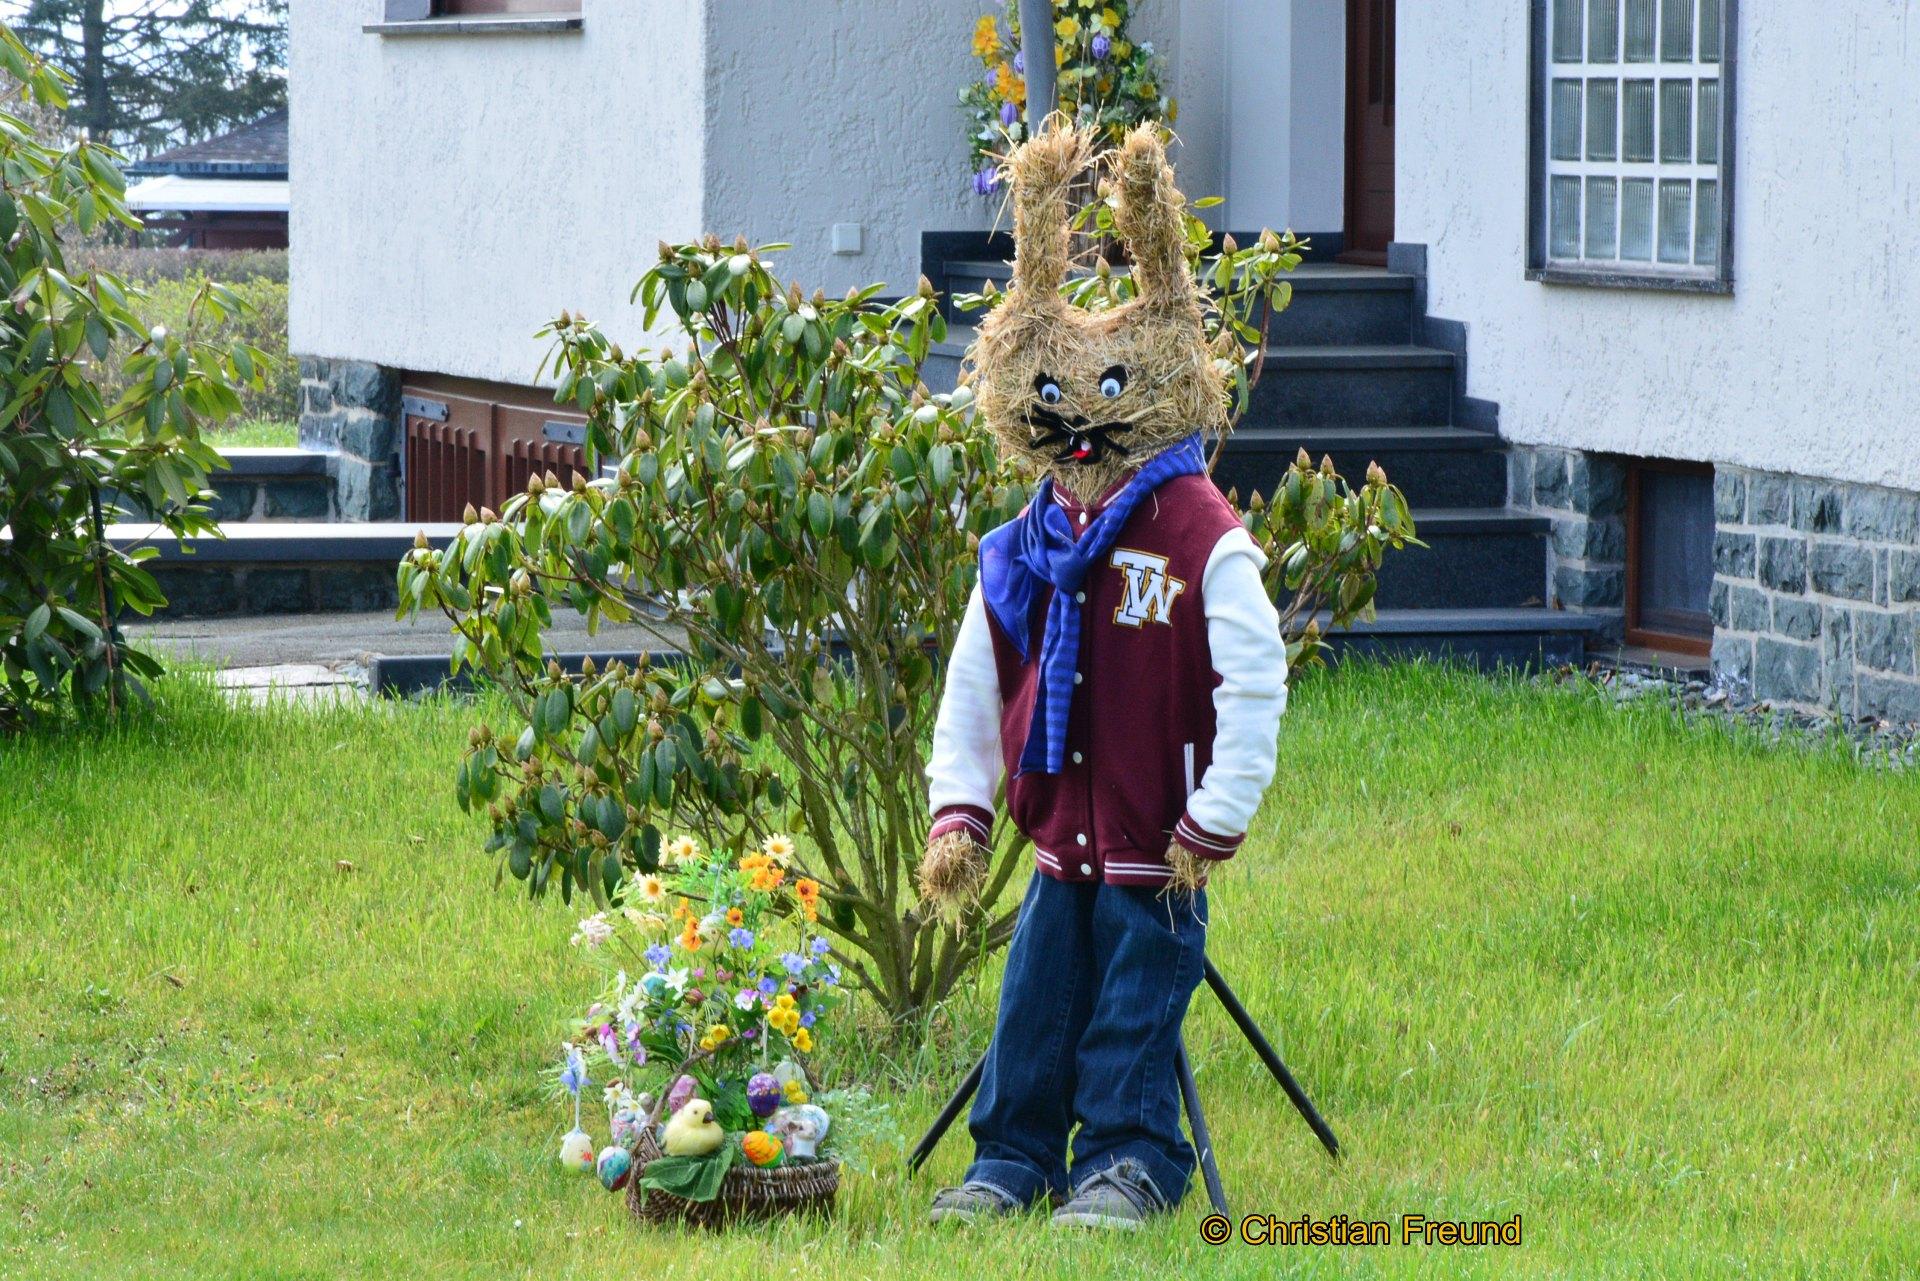 Der Ortsteilrat Obergrochlitz, Caselwitz und Eichleite wünscht allen Einwohnern ein schönes und friedliches Osterfest.